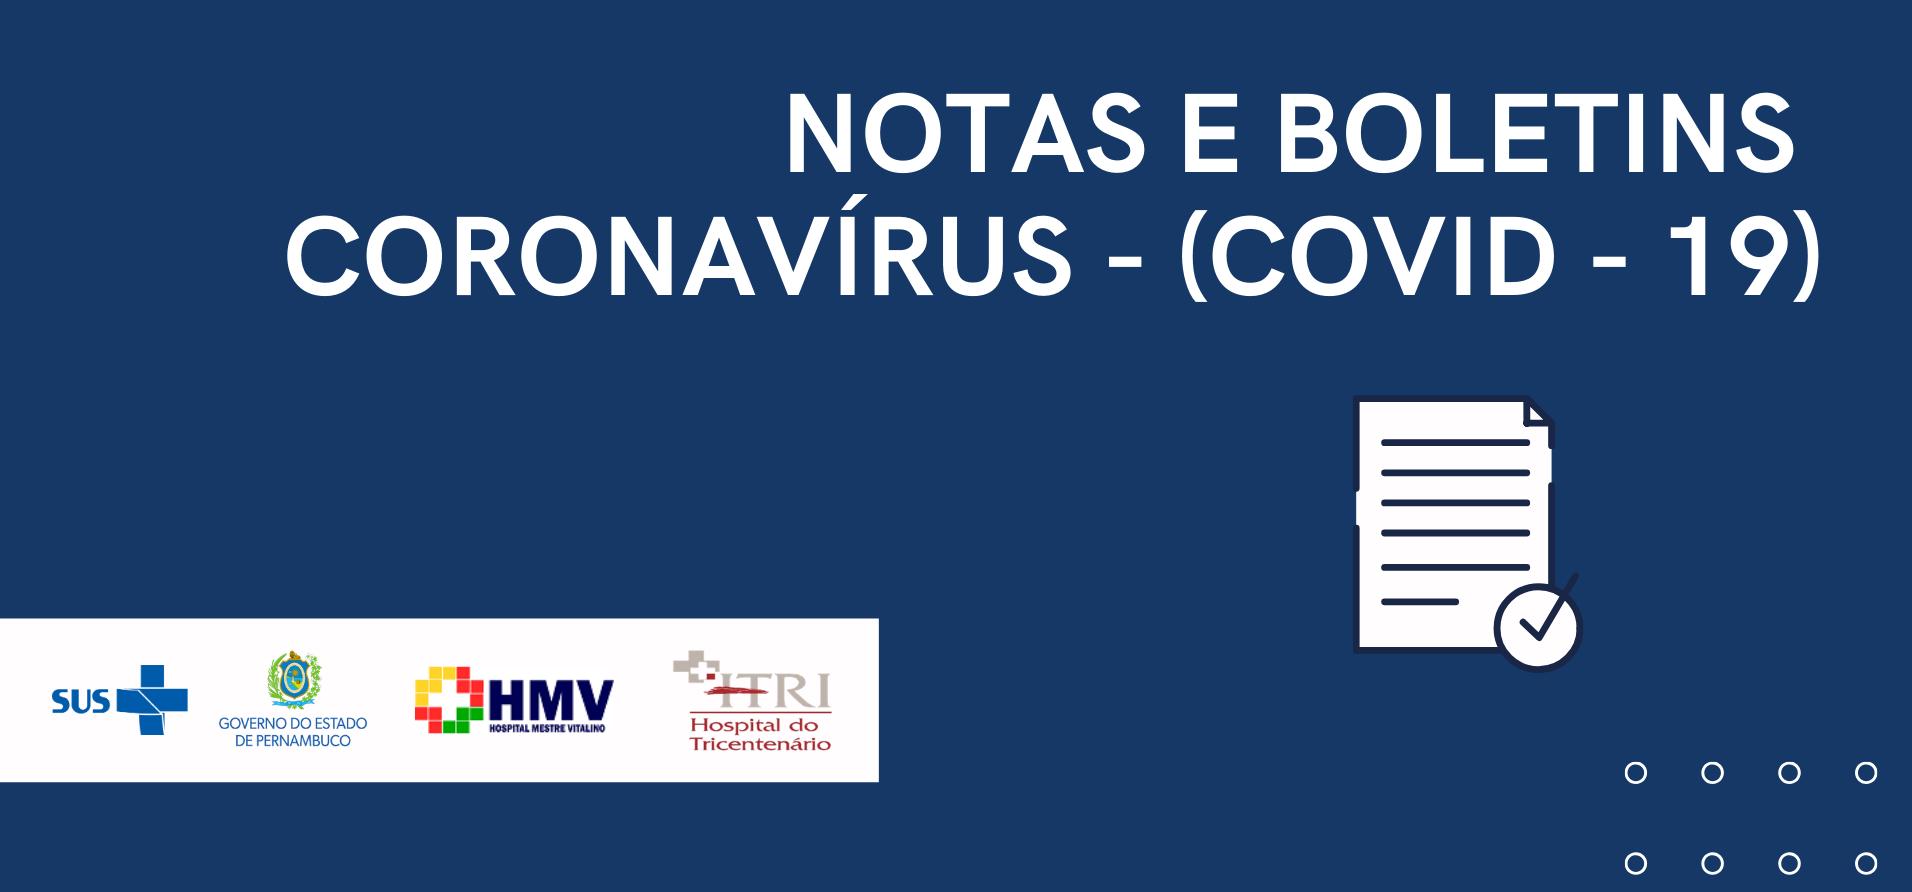 NOTAS E BOLETINS | COVID - 19